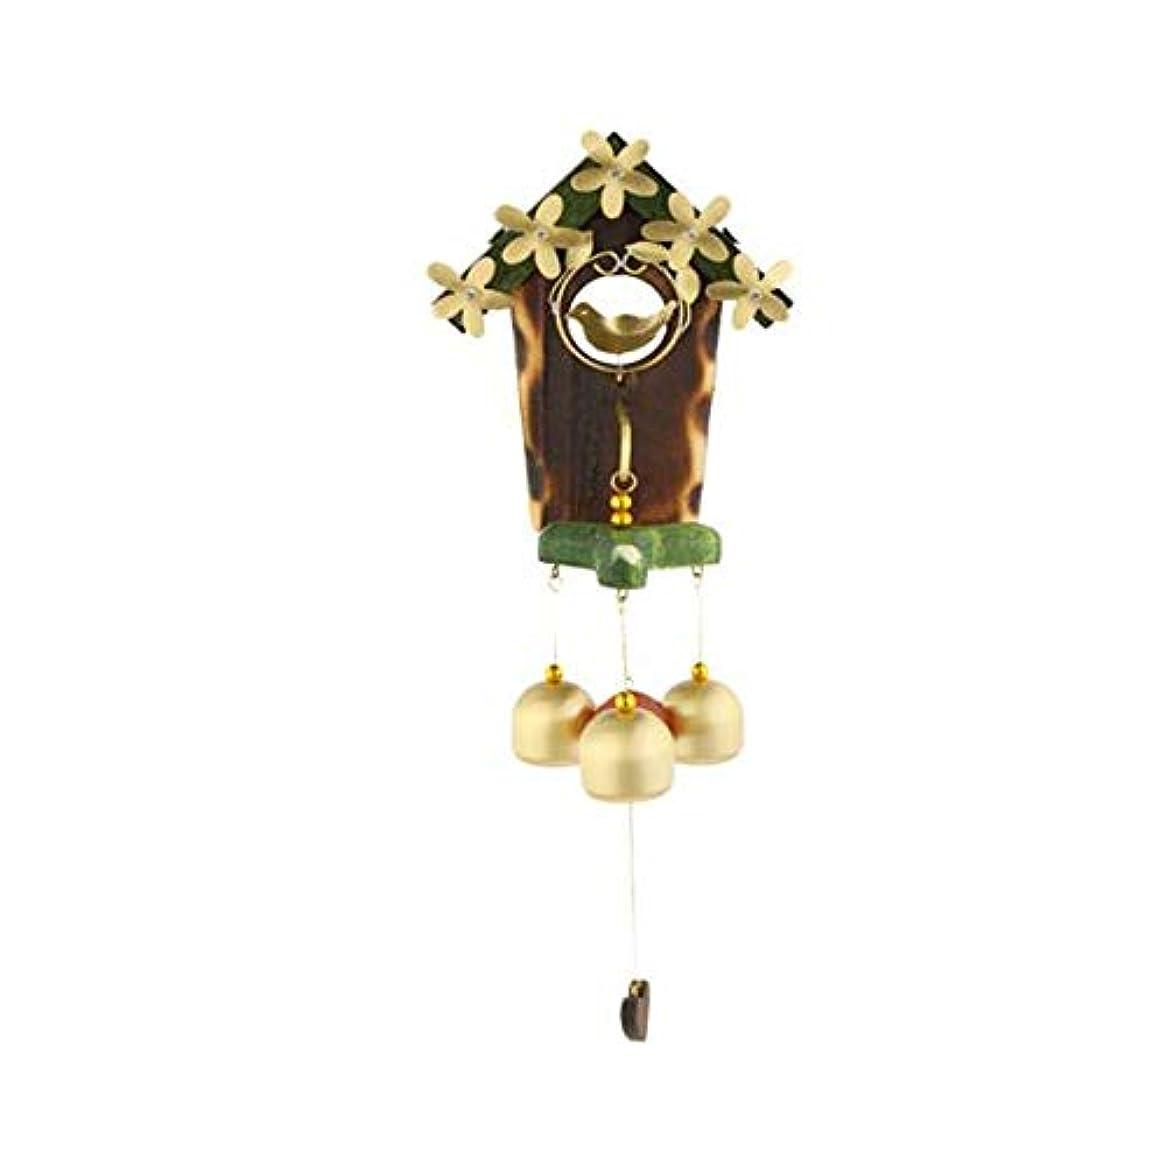 孤独な女王半円風チャイム、クラシック愛の巣ソリッドウッド銅鳥風チャイム、メタル風チャイム、ベッドルームバルコニーのドアの装飾、マグネット自吸式ドアベル (Color : 2, Size : 30cm)